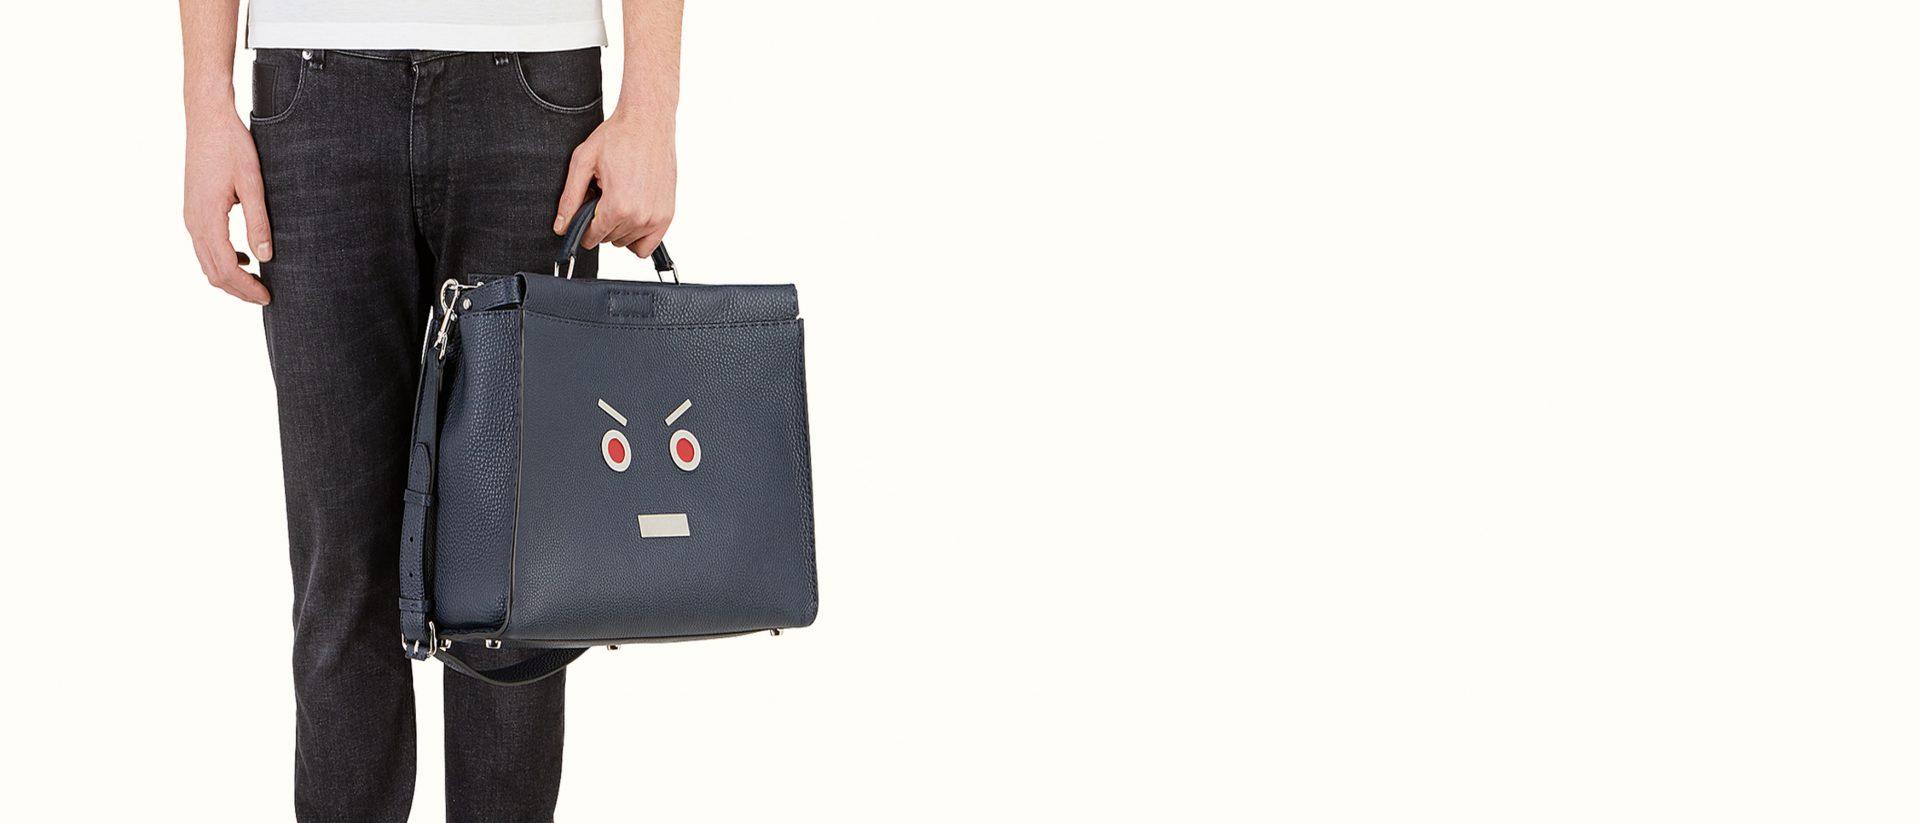 Splurge  Fendi Peekaboo bag f77b5b4c8e